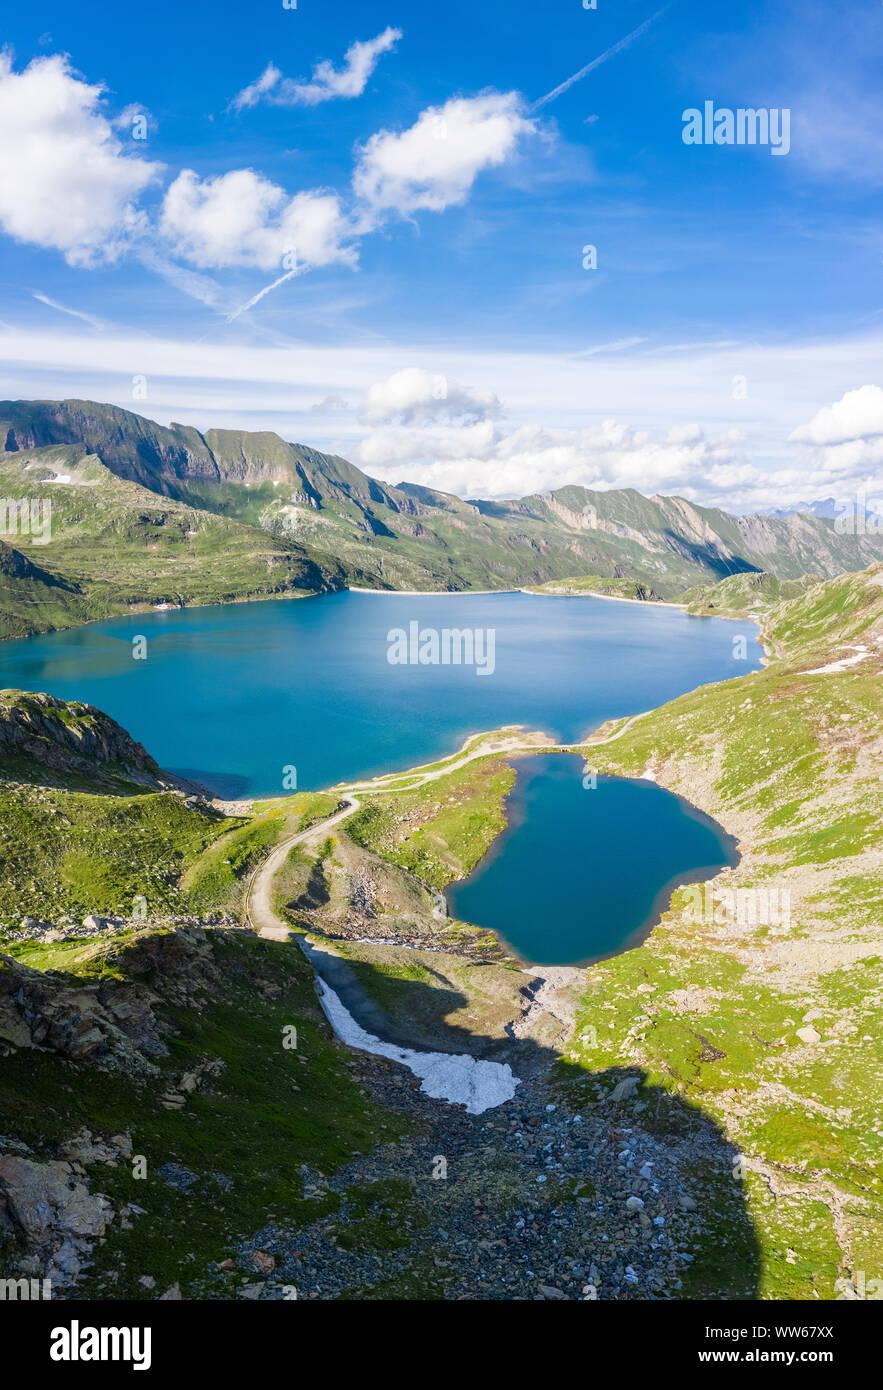 Vista aérea del lago de Naret Lavizzara Valley, el valle de Maggia, Alpes Lepontine, Canton Ticino, Suiza. Foto de stock